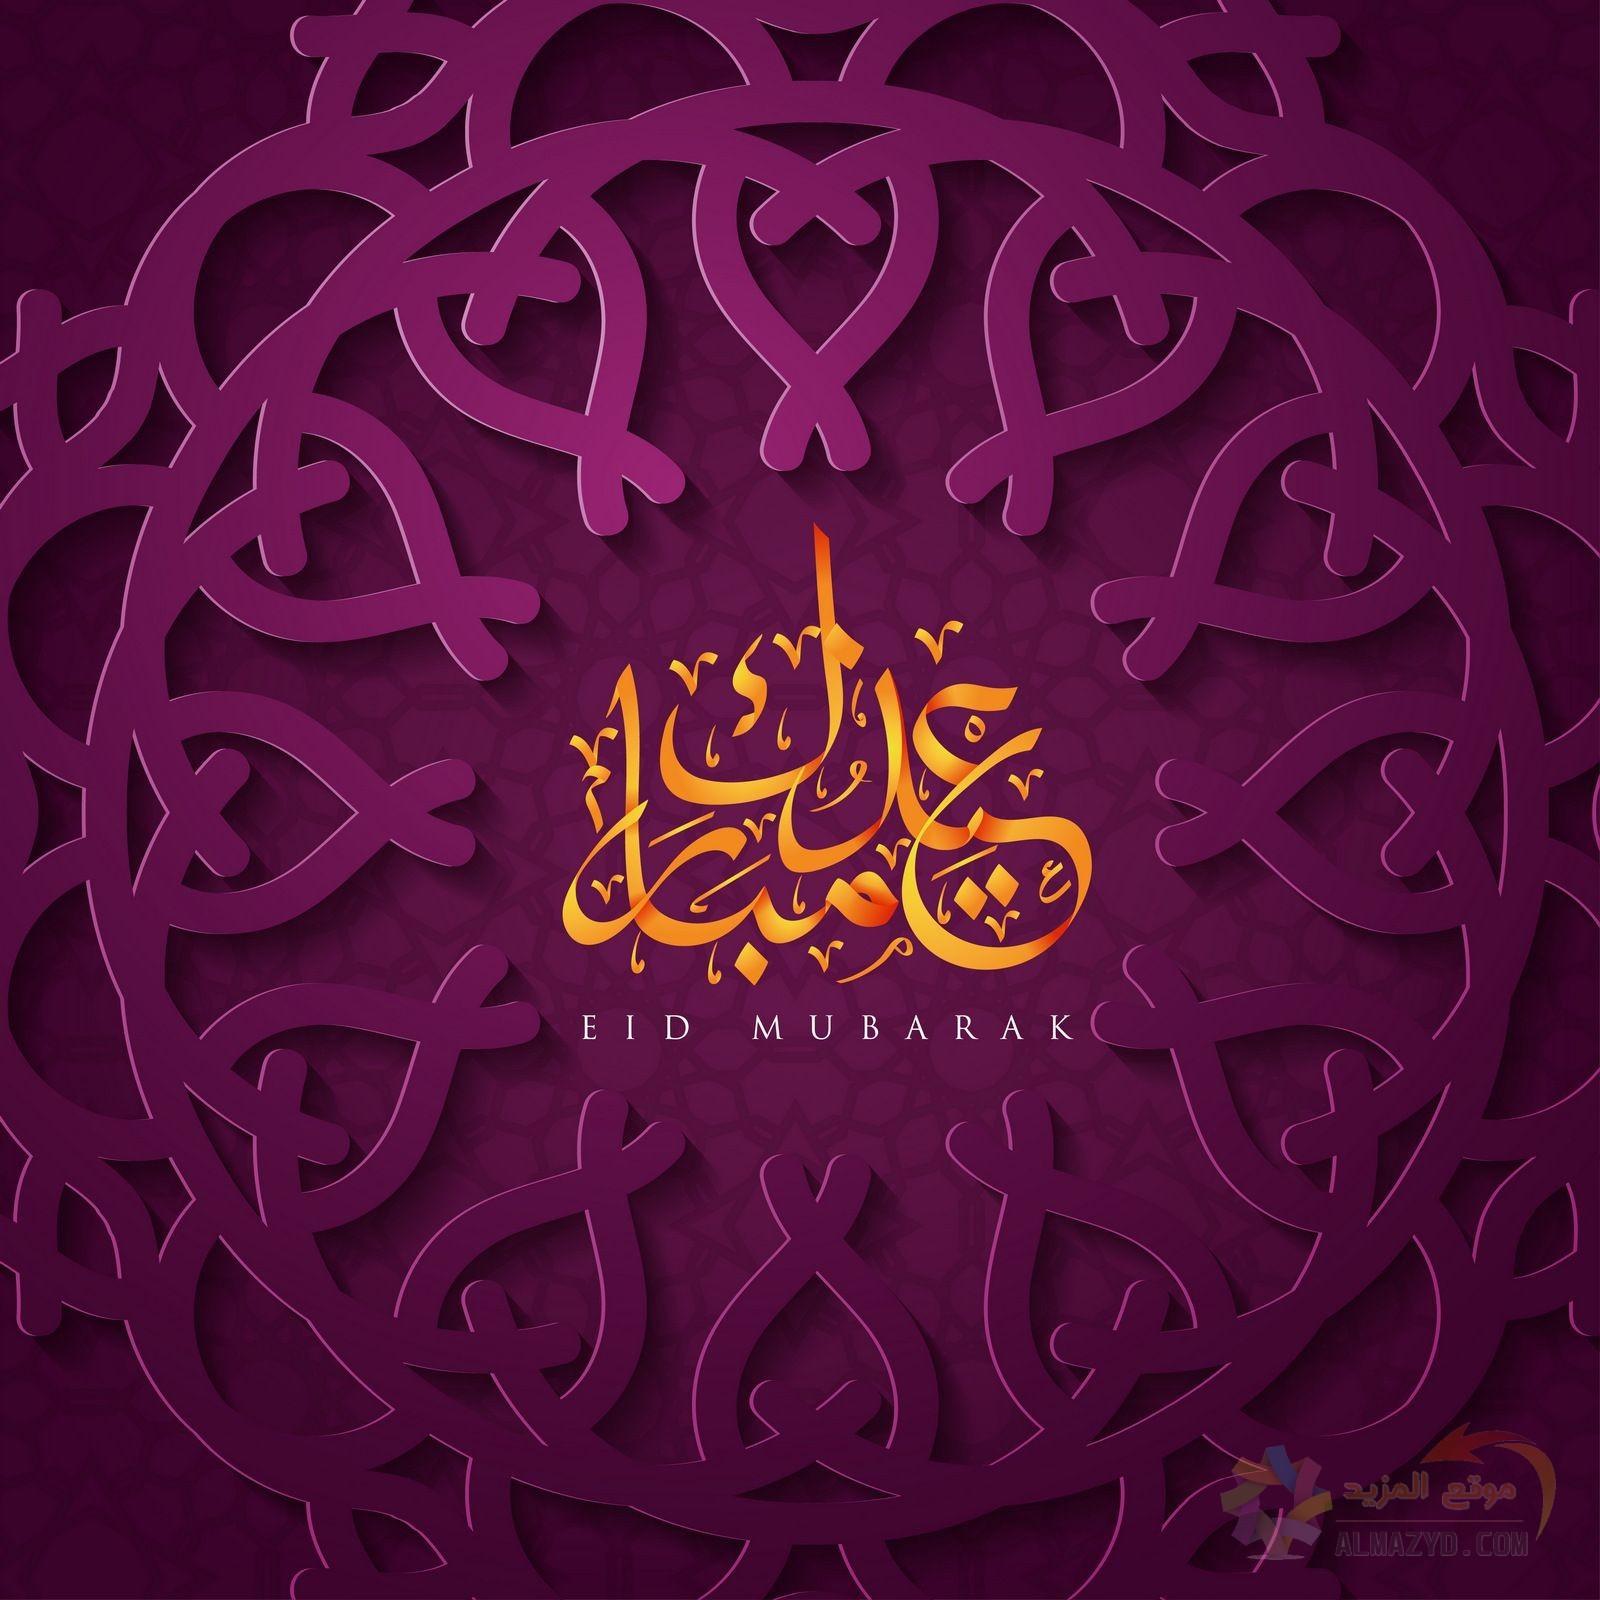 صور عن العيد 2020 رسائل عيد الفطر عيد الفطر المبارك صور عيد الفطر 16